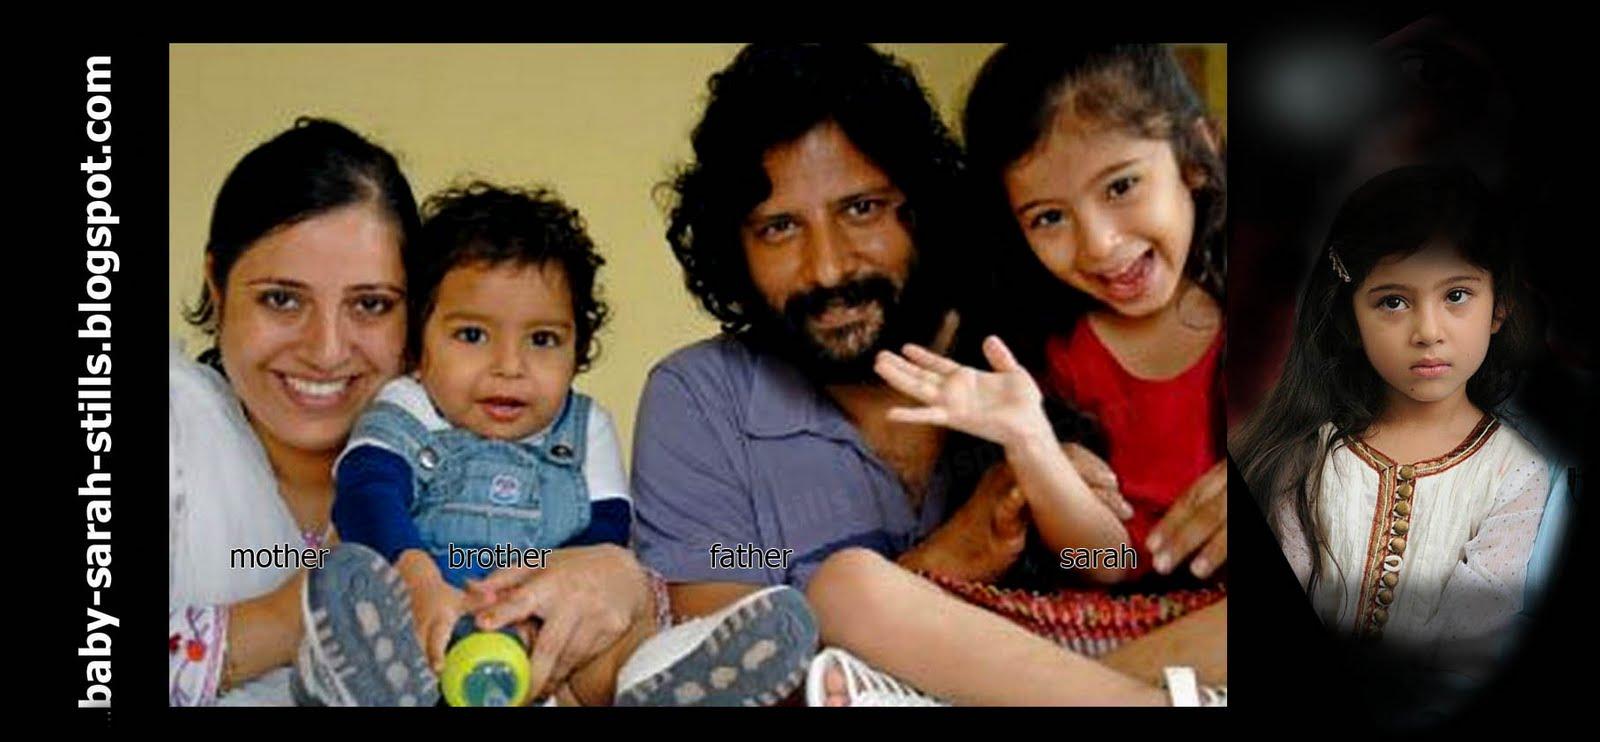 Baby sarah stills blogspot com parents of baby sarah